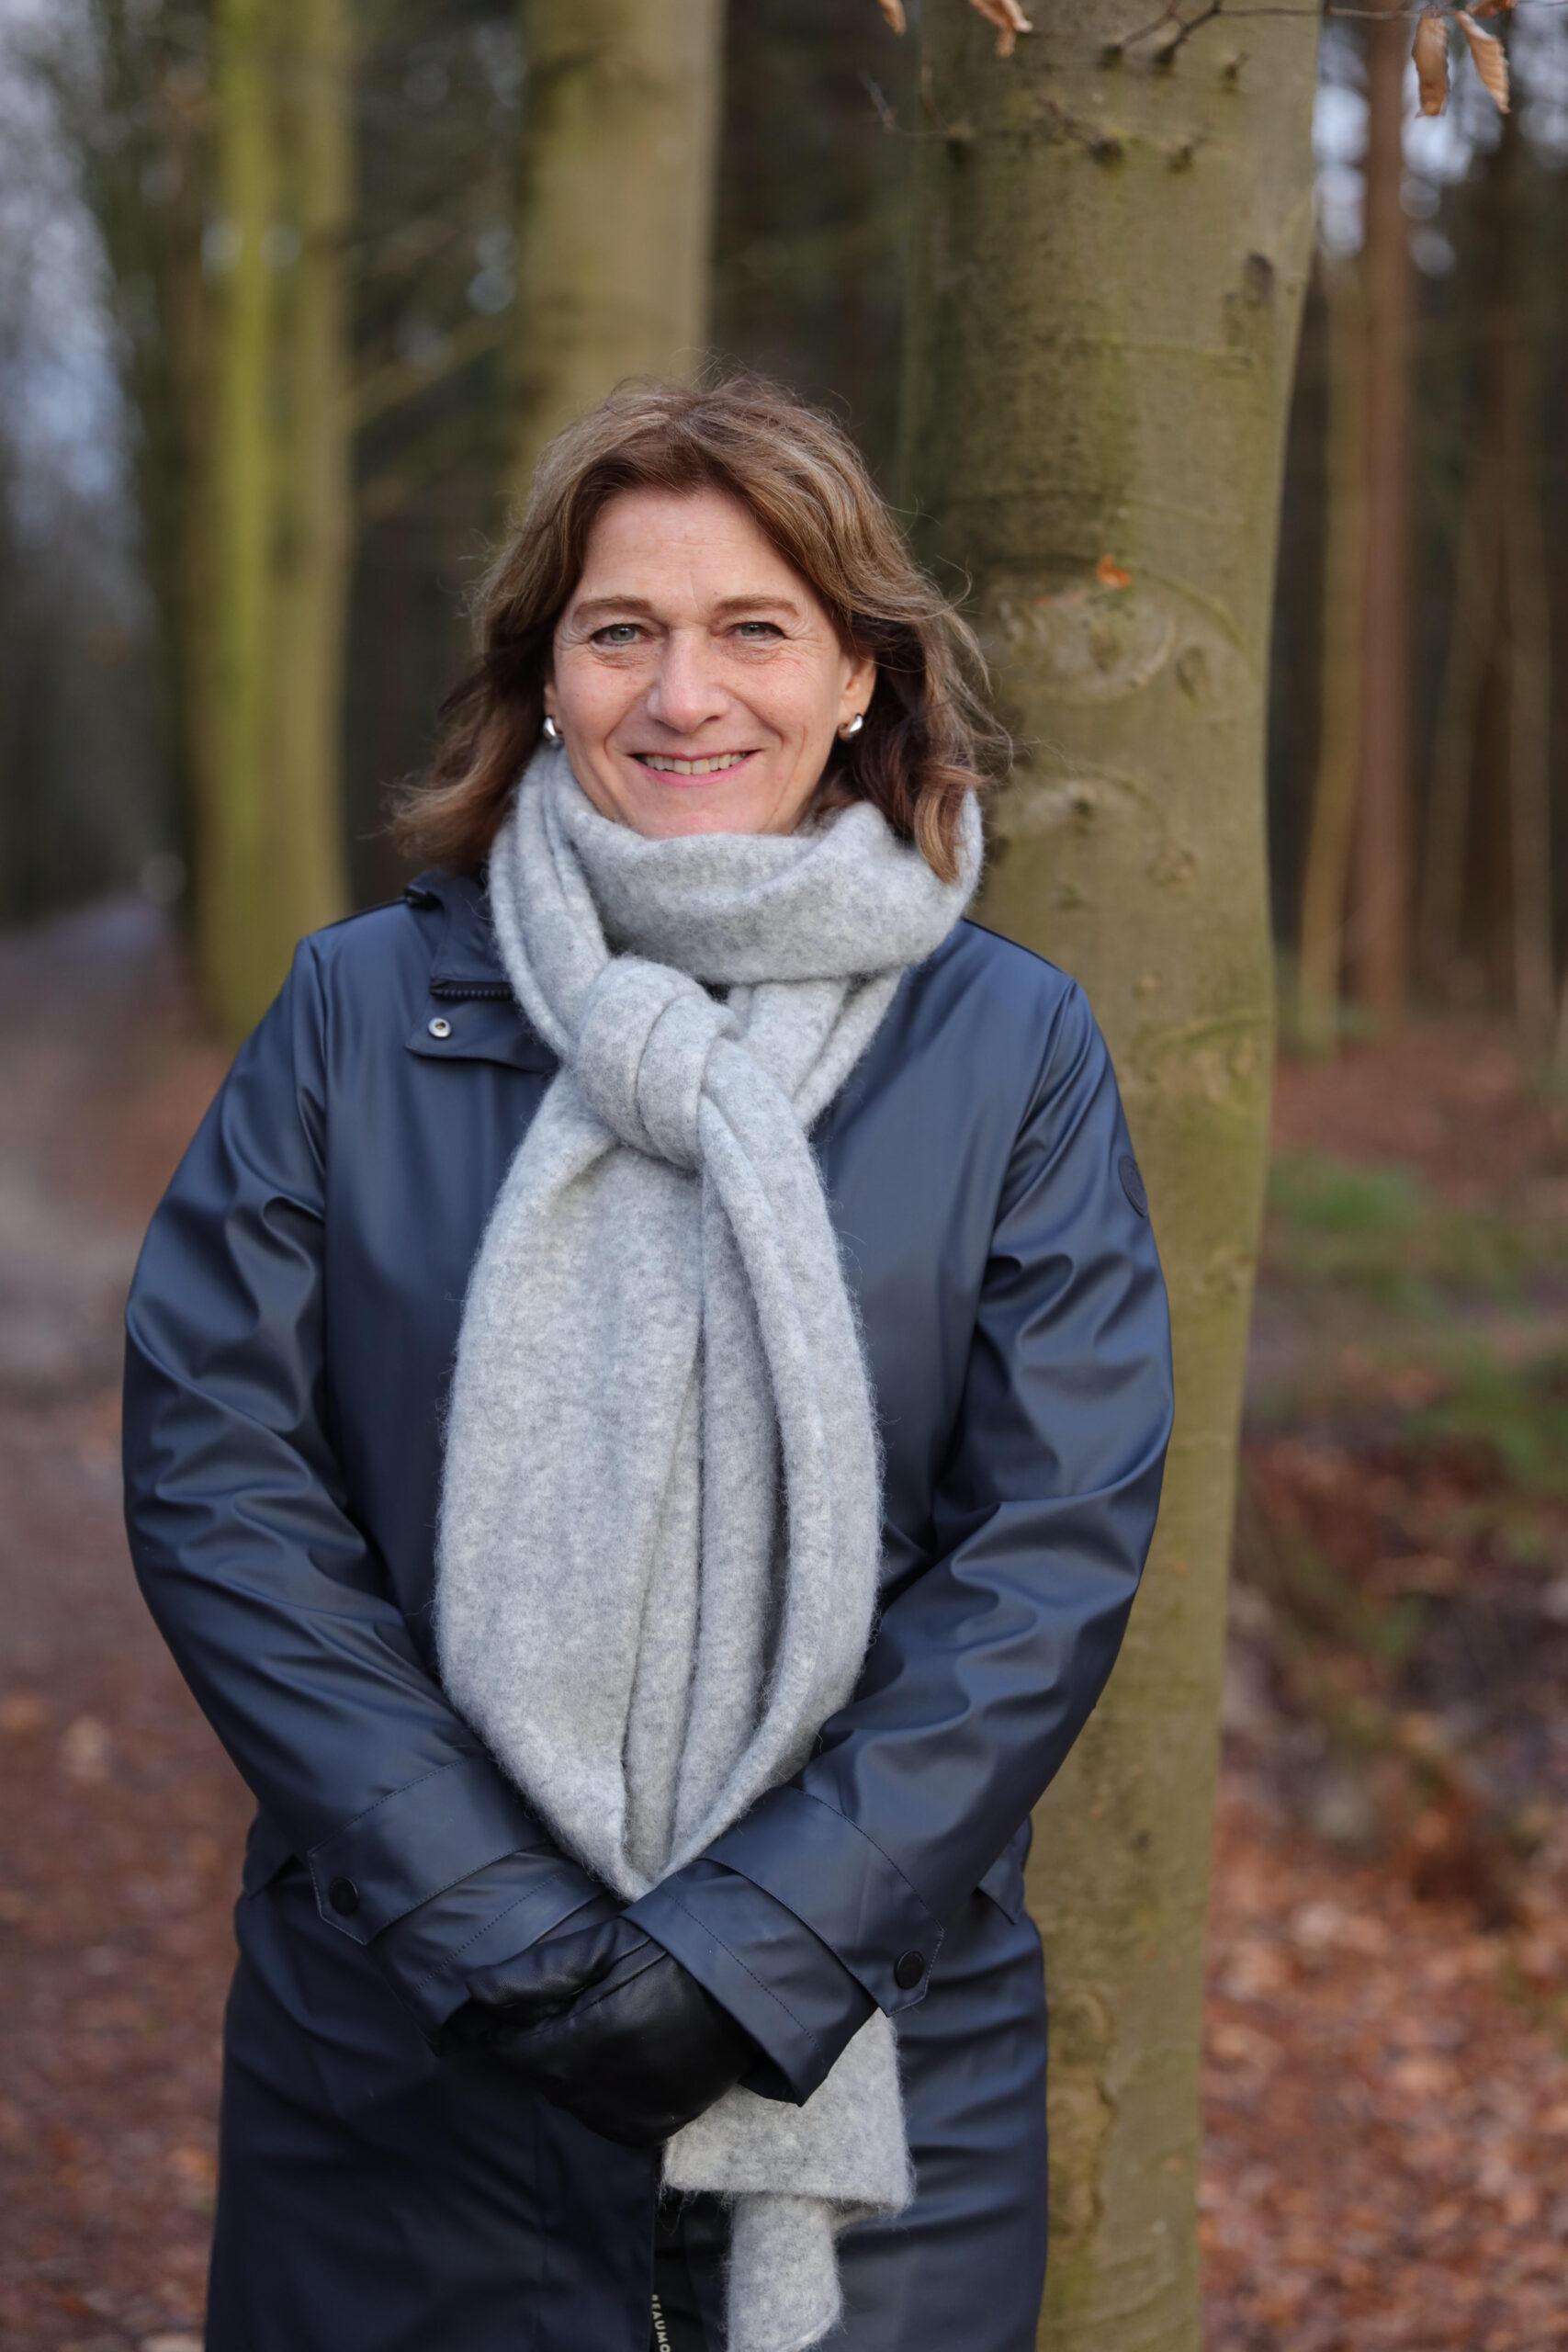 Greta Moesker